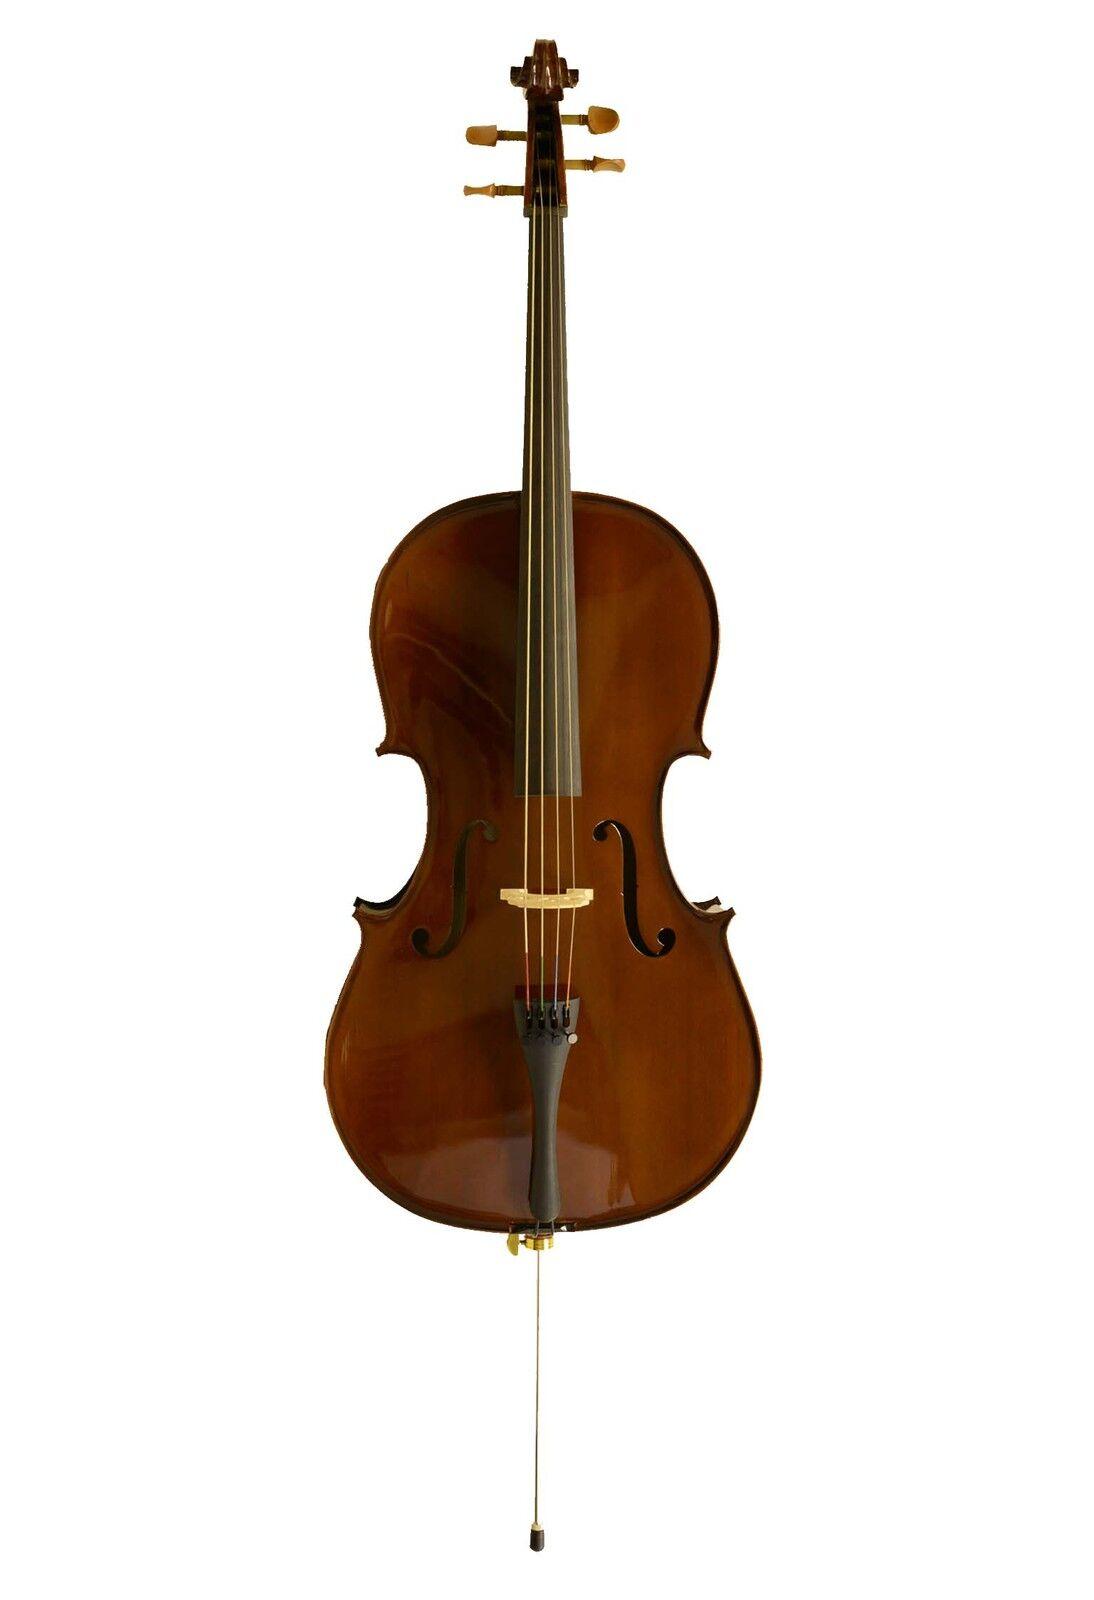 Sinfonie24 Cello-Set Größe 3 4, 7 8, 4 4 (Basic II) mit Tasche, Bogen